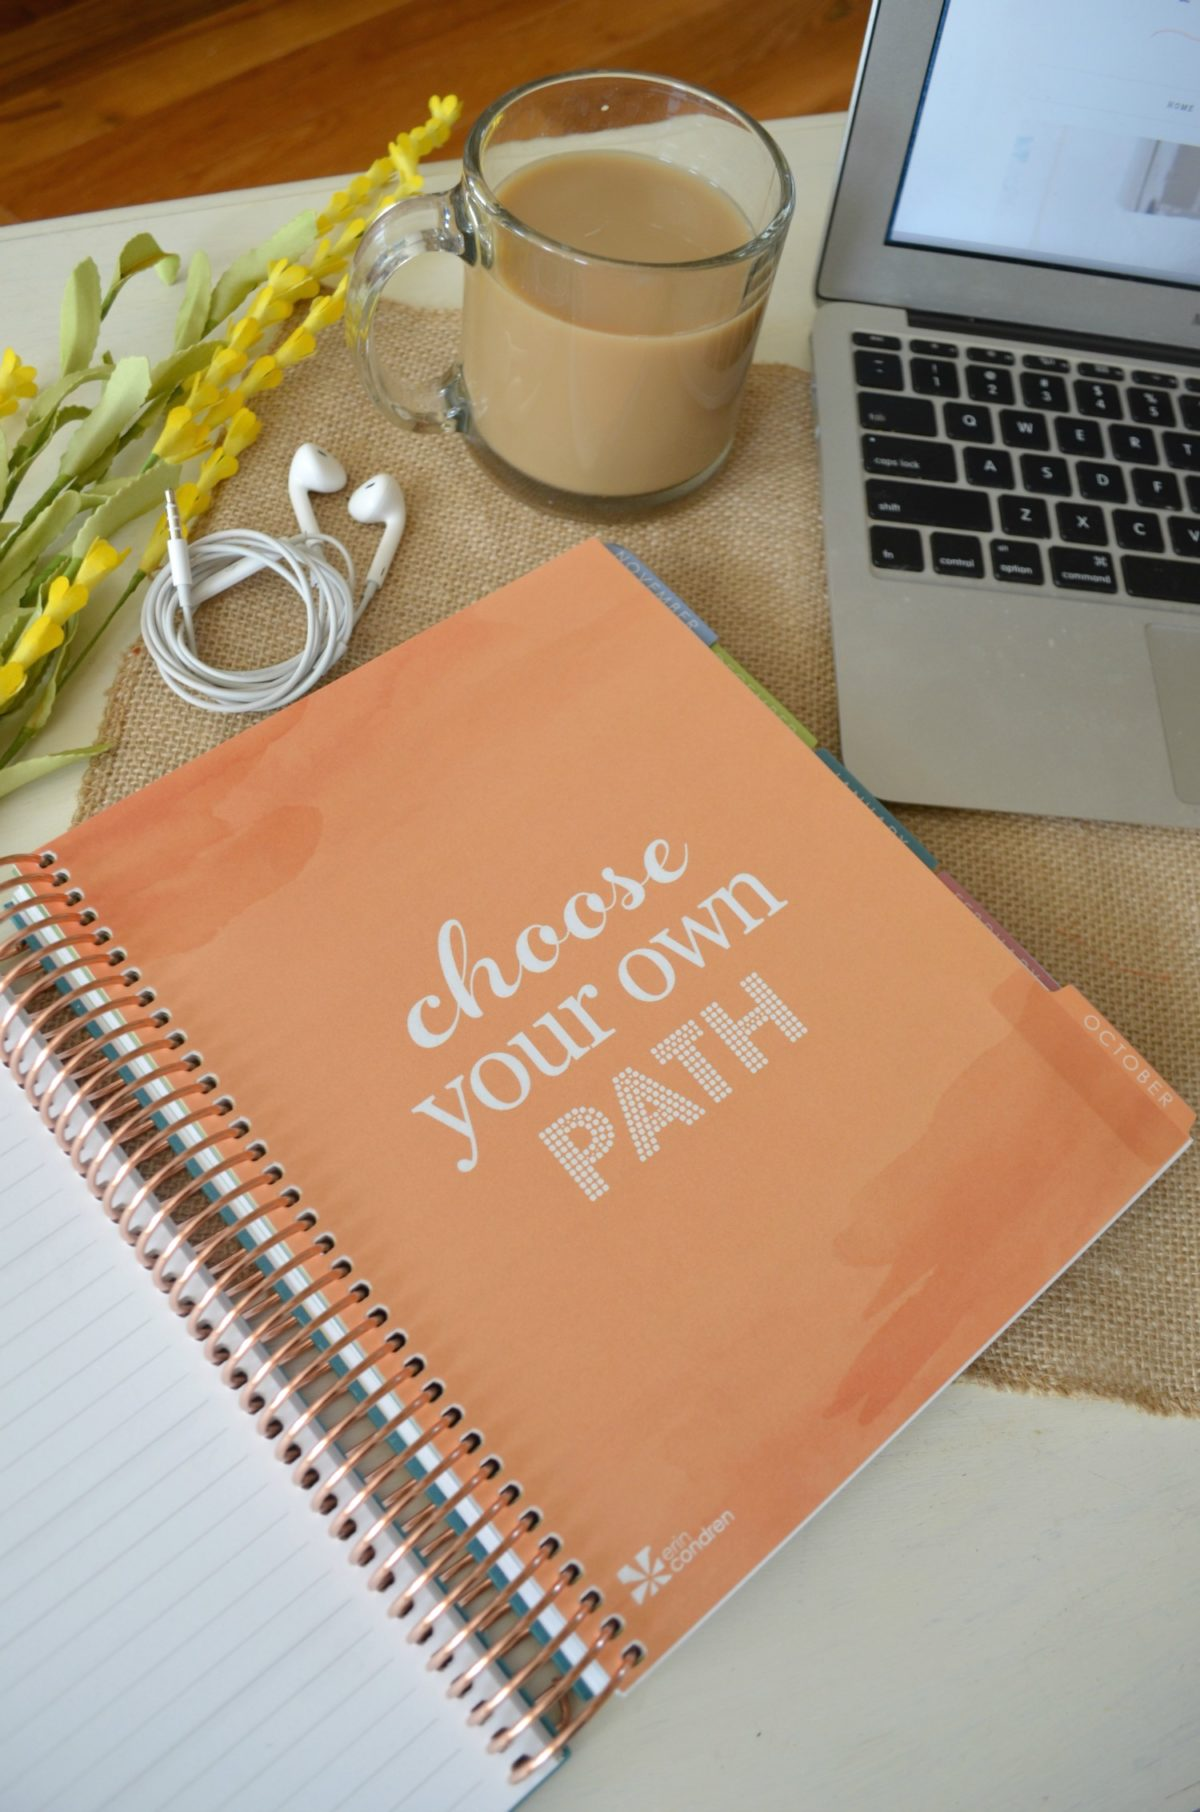 Erin Condren 2017 LifePlanner Review